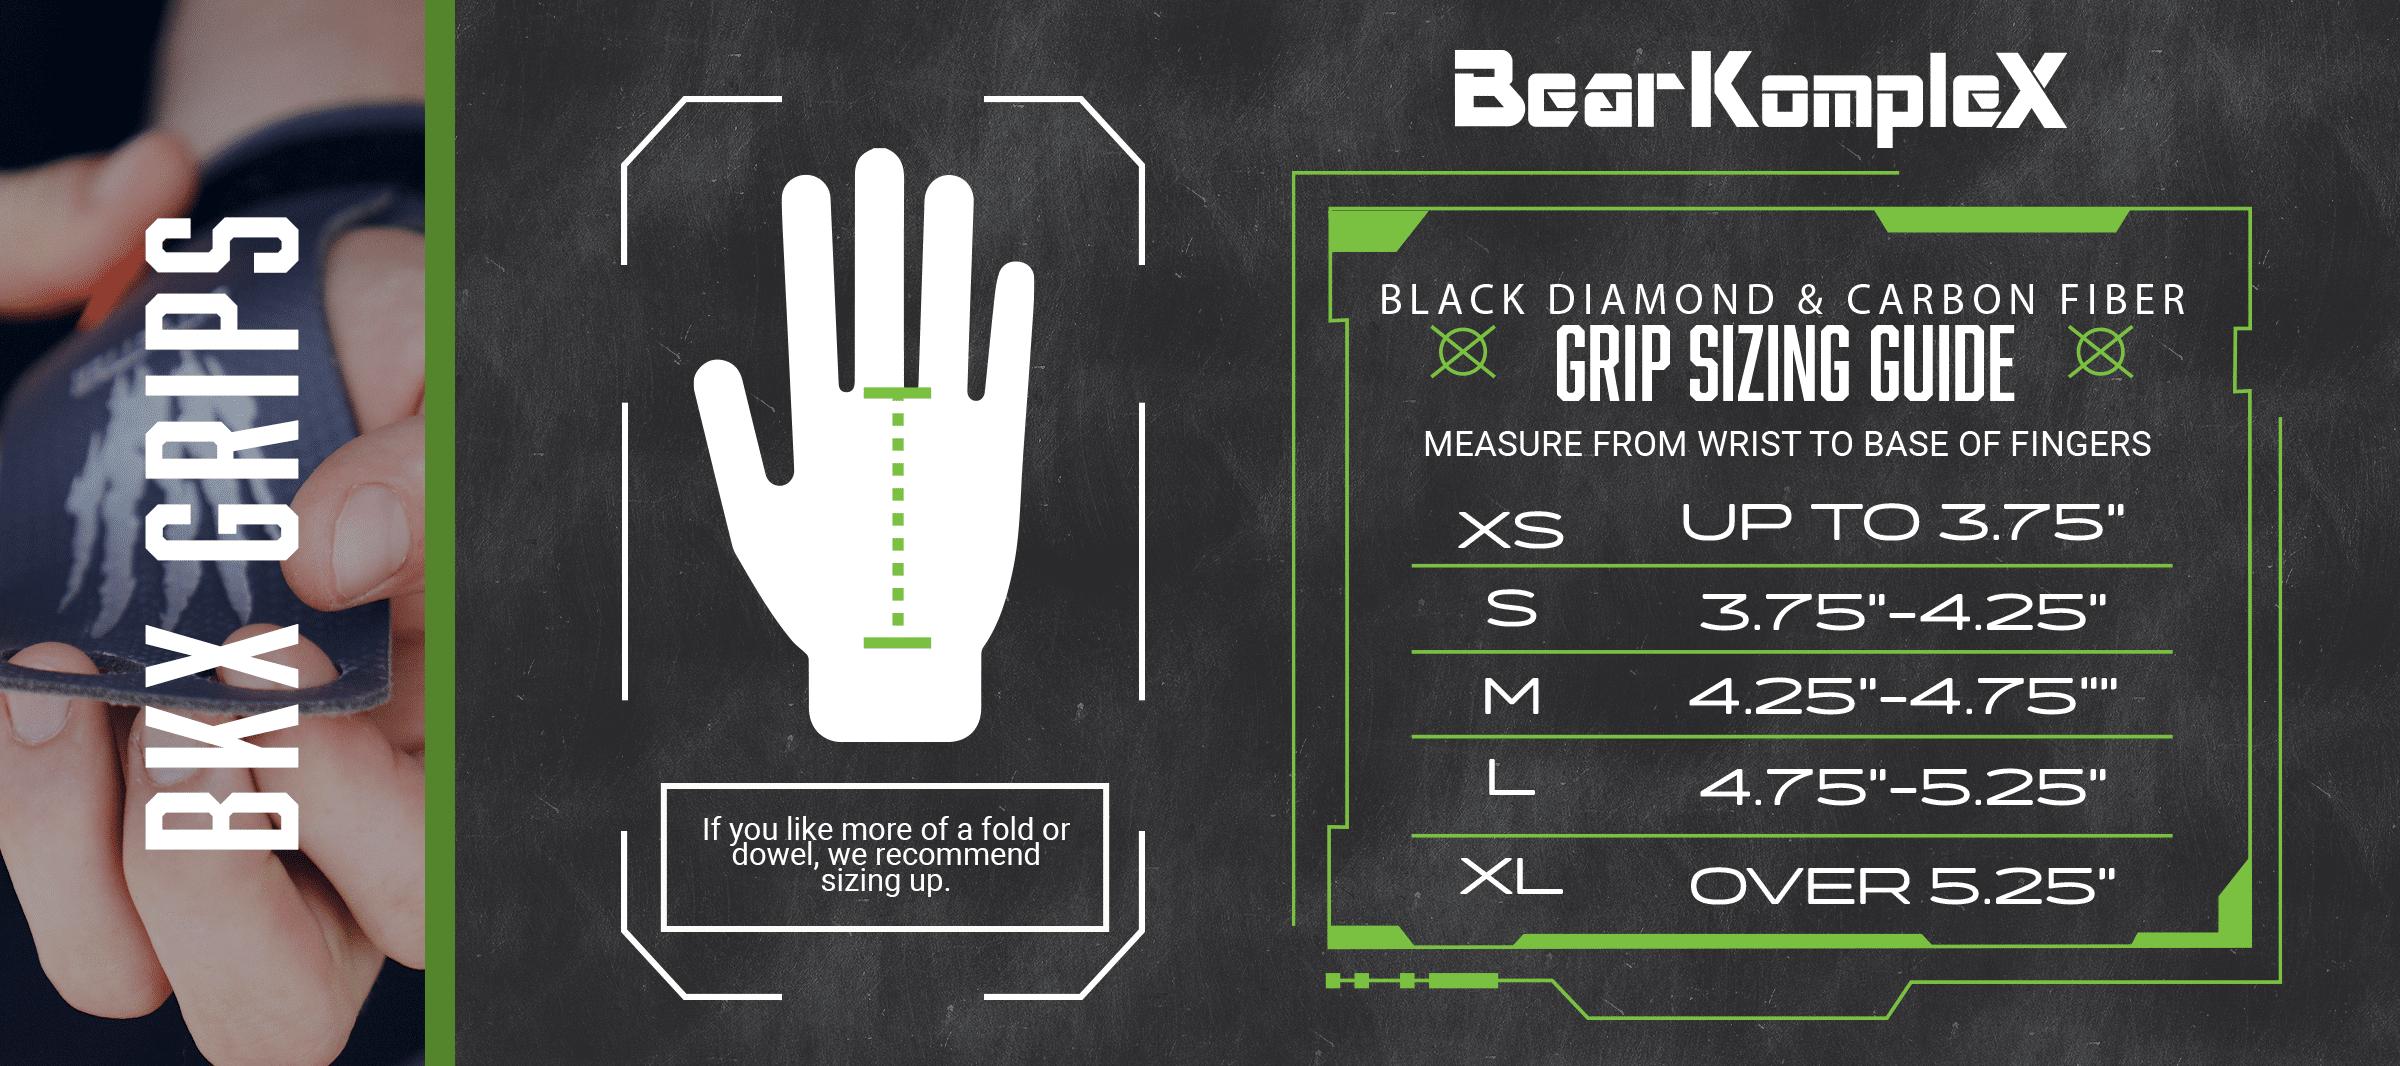 Black-Diamond-3hole-grips-bear-komplex-hetwodwinkeltje.nl